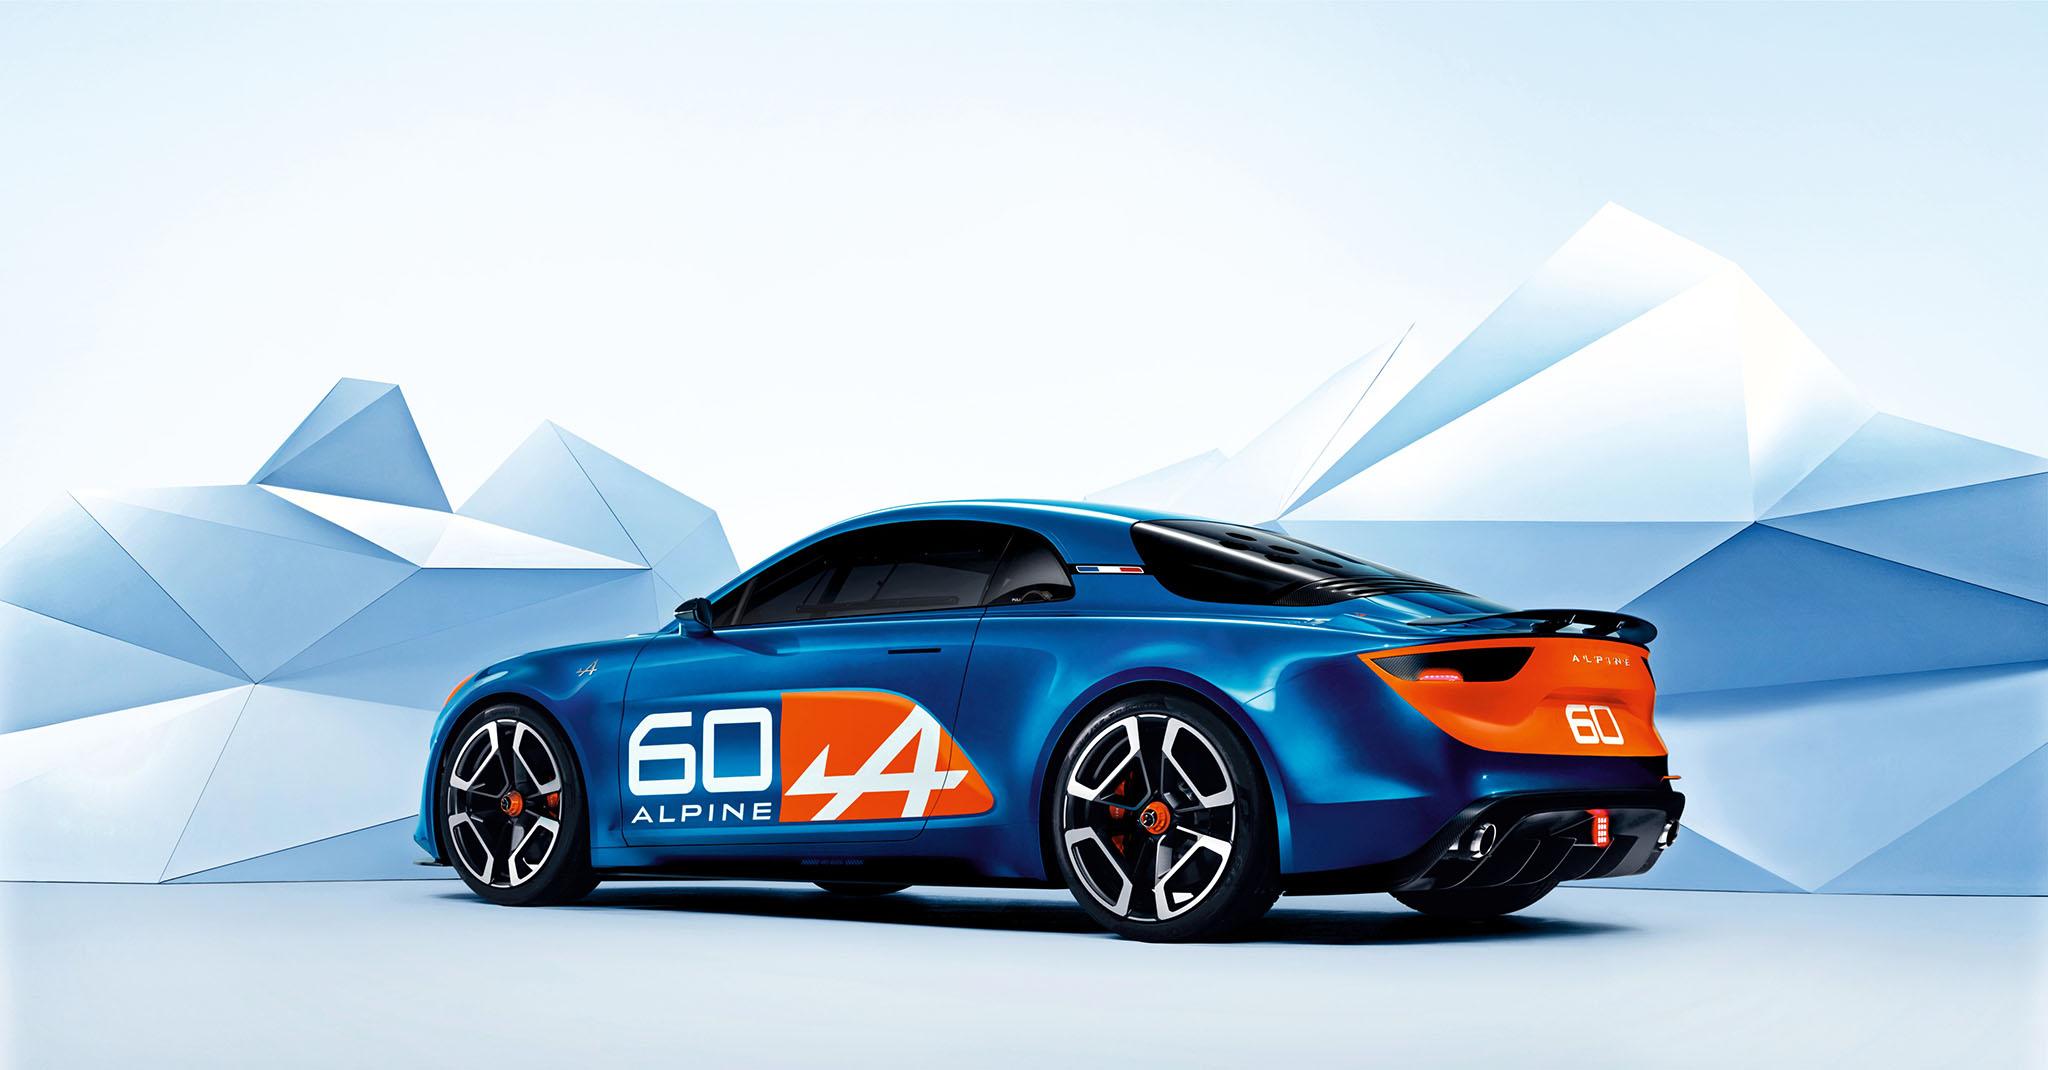 Alpine60 02